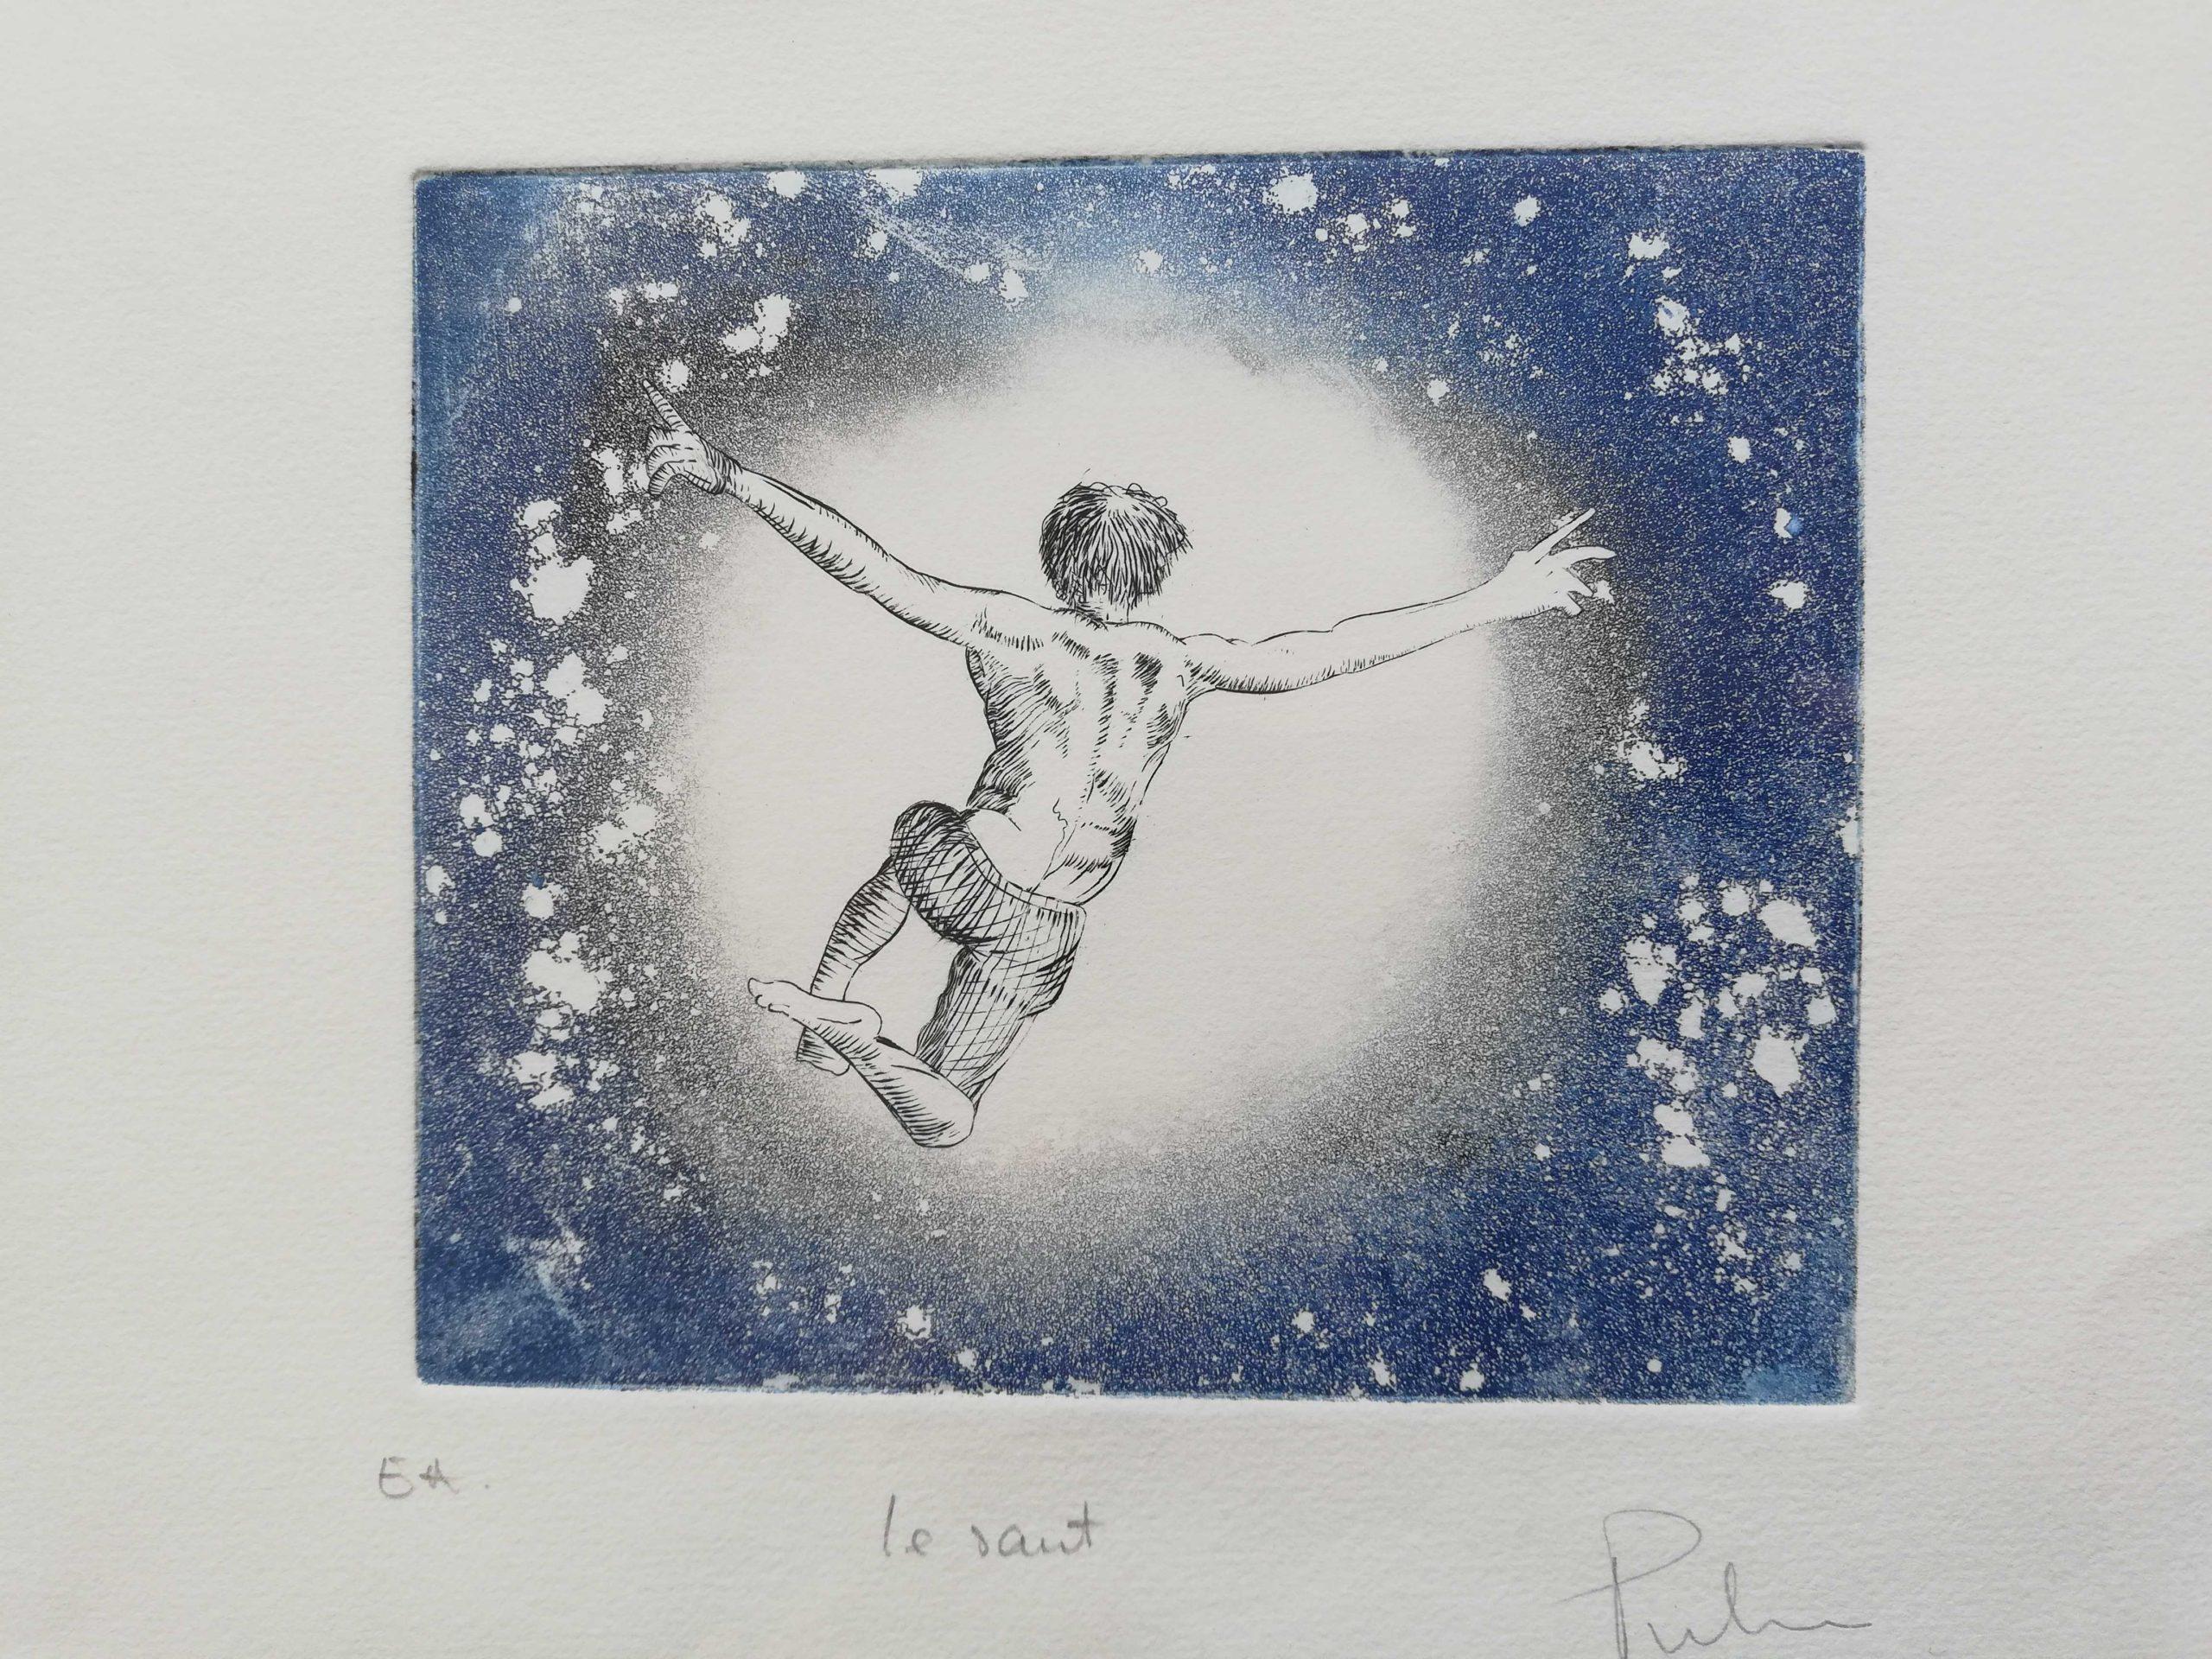 Le saut engrave by Michel Puharré